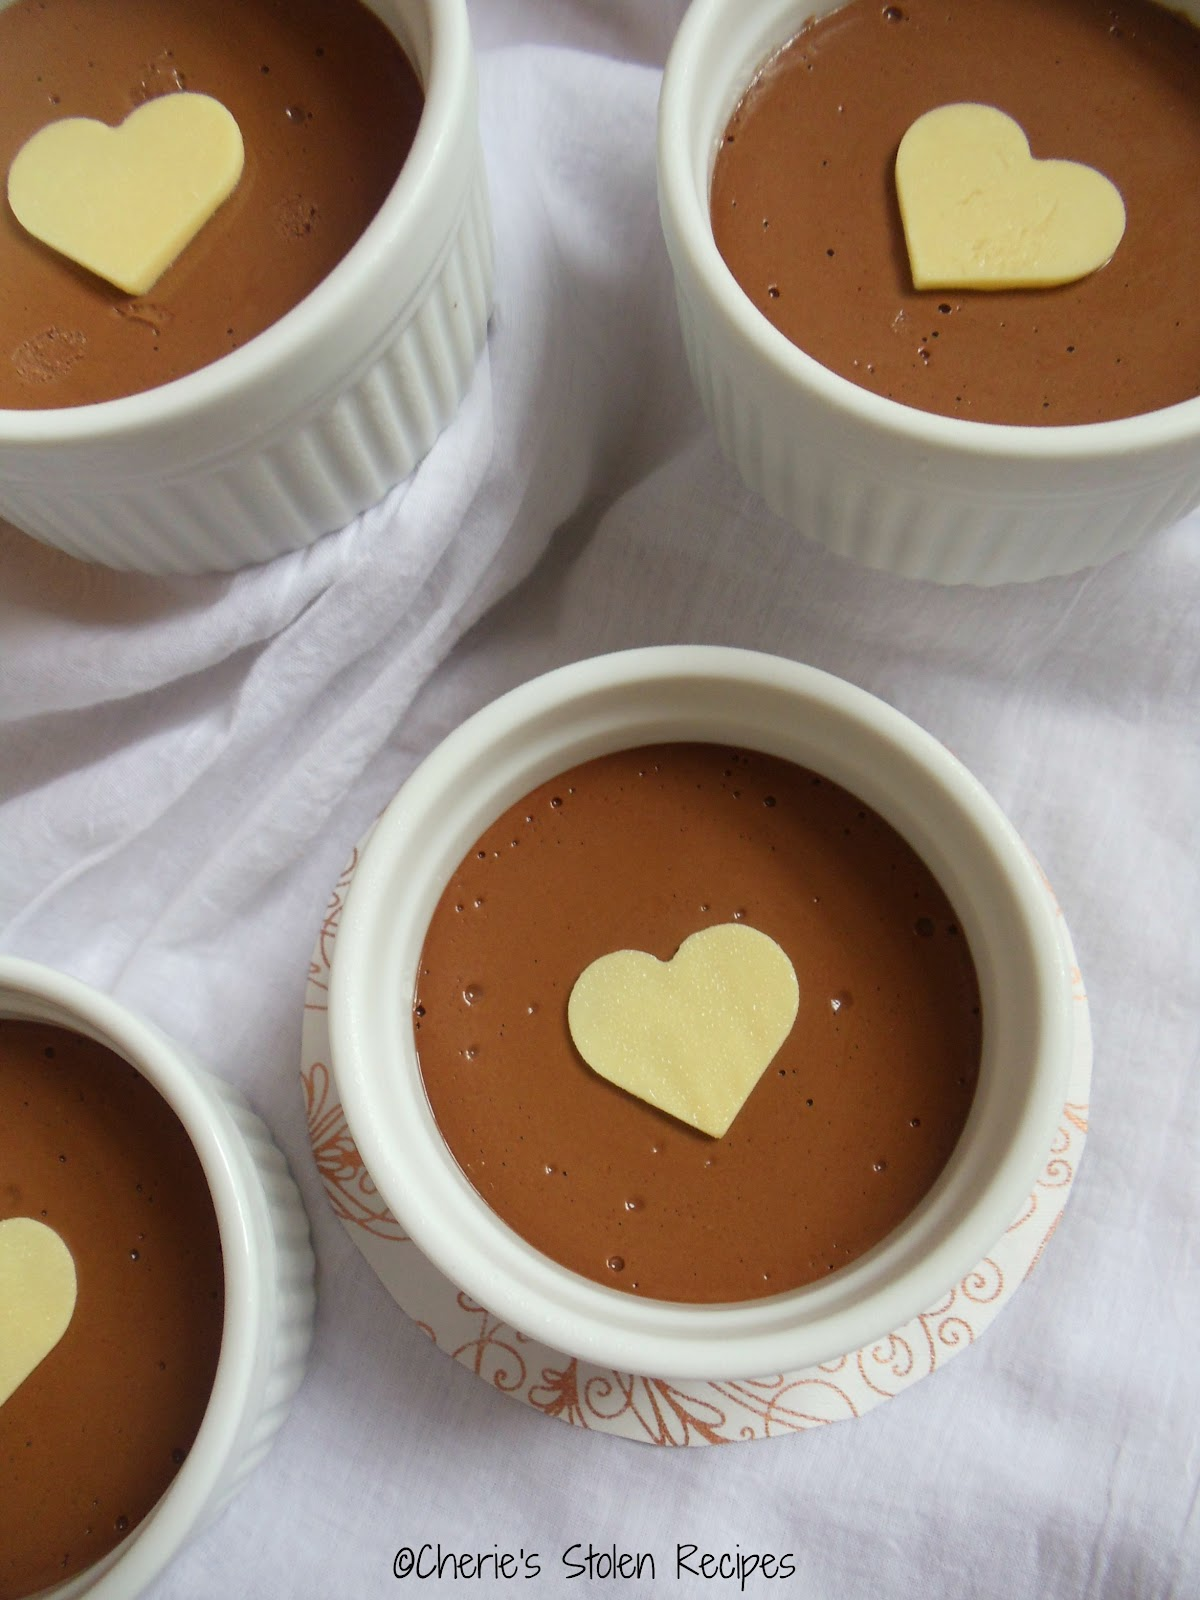 cherie s stolen recipes pots de creme au chocolat baked chocolate custard